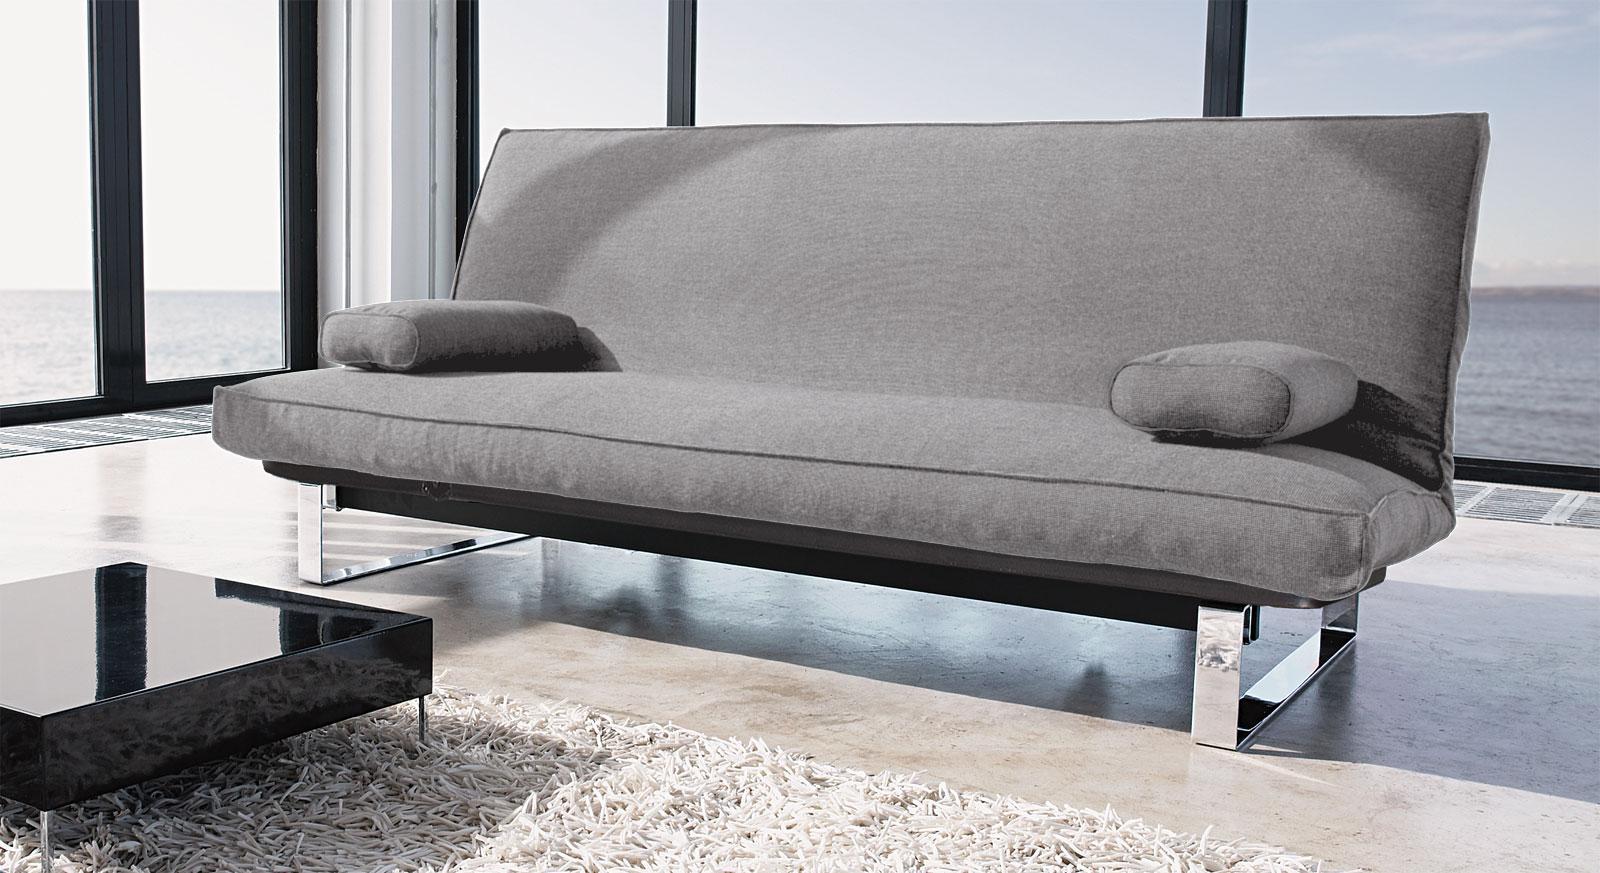 schlafsofa im angebot die sch nsten einrichtungsideen. Black Bedroom Furniture Sets. Home Design Ideas